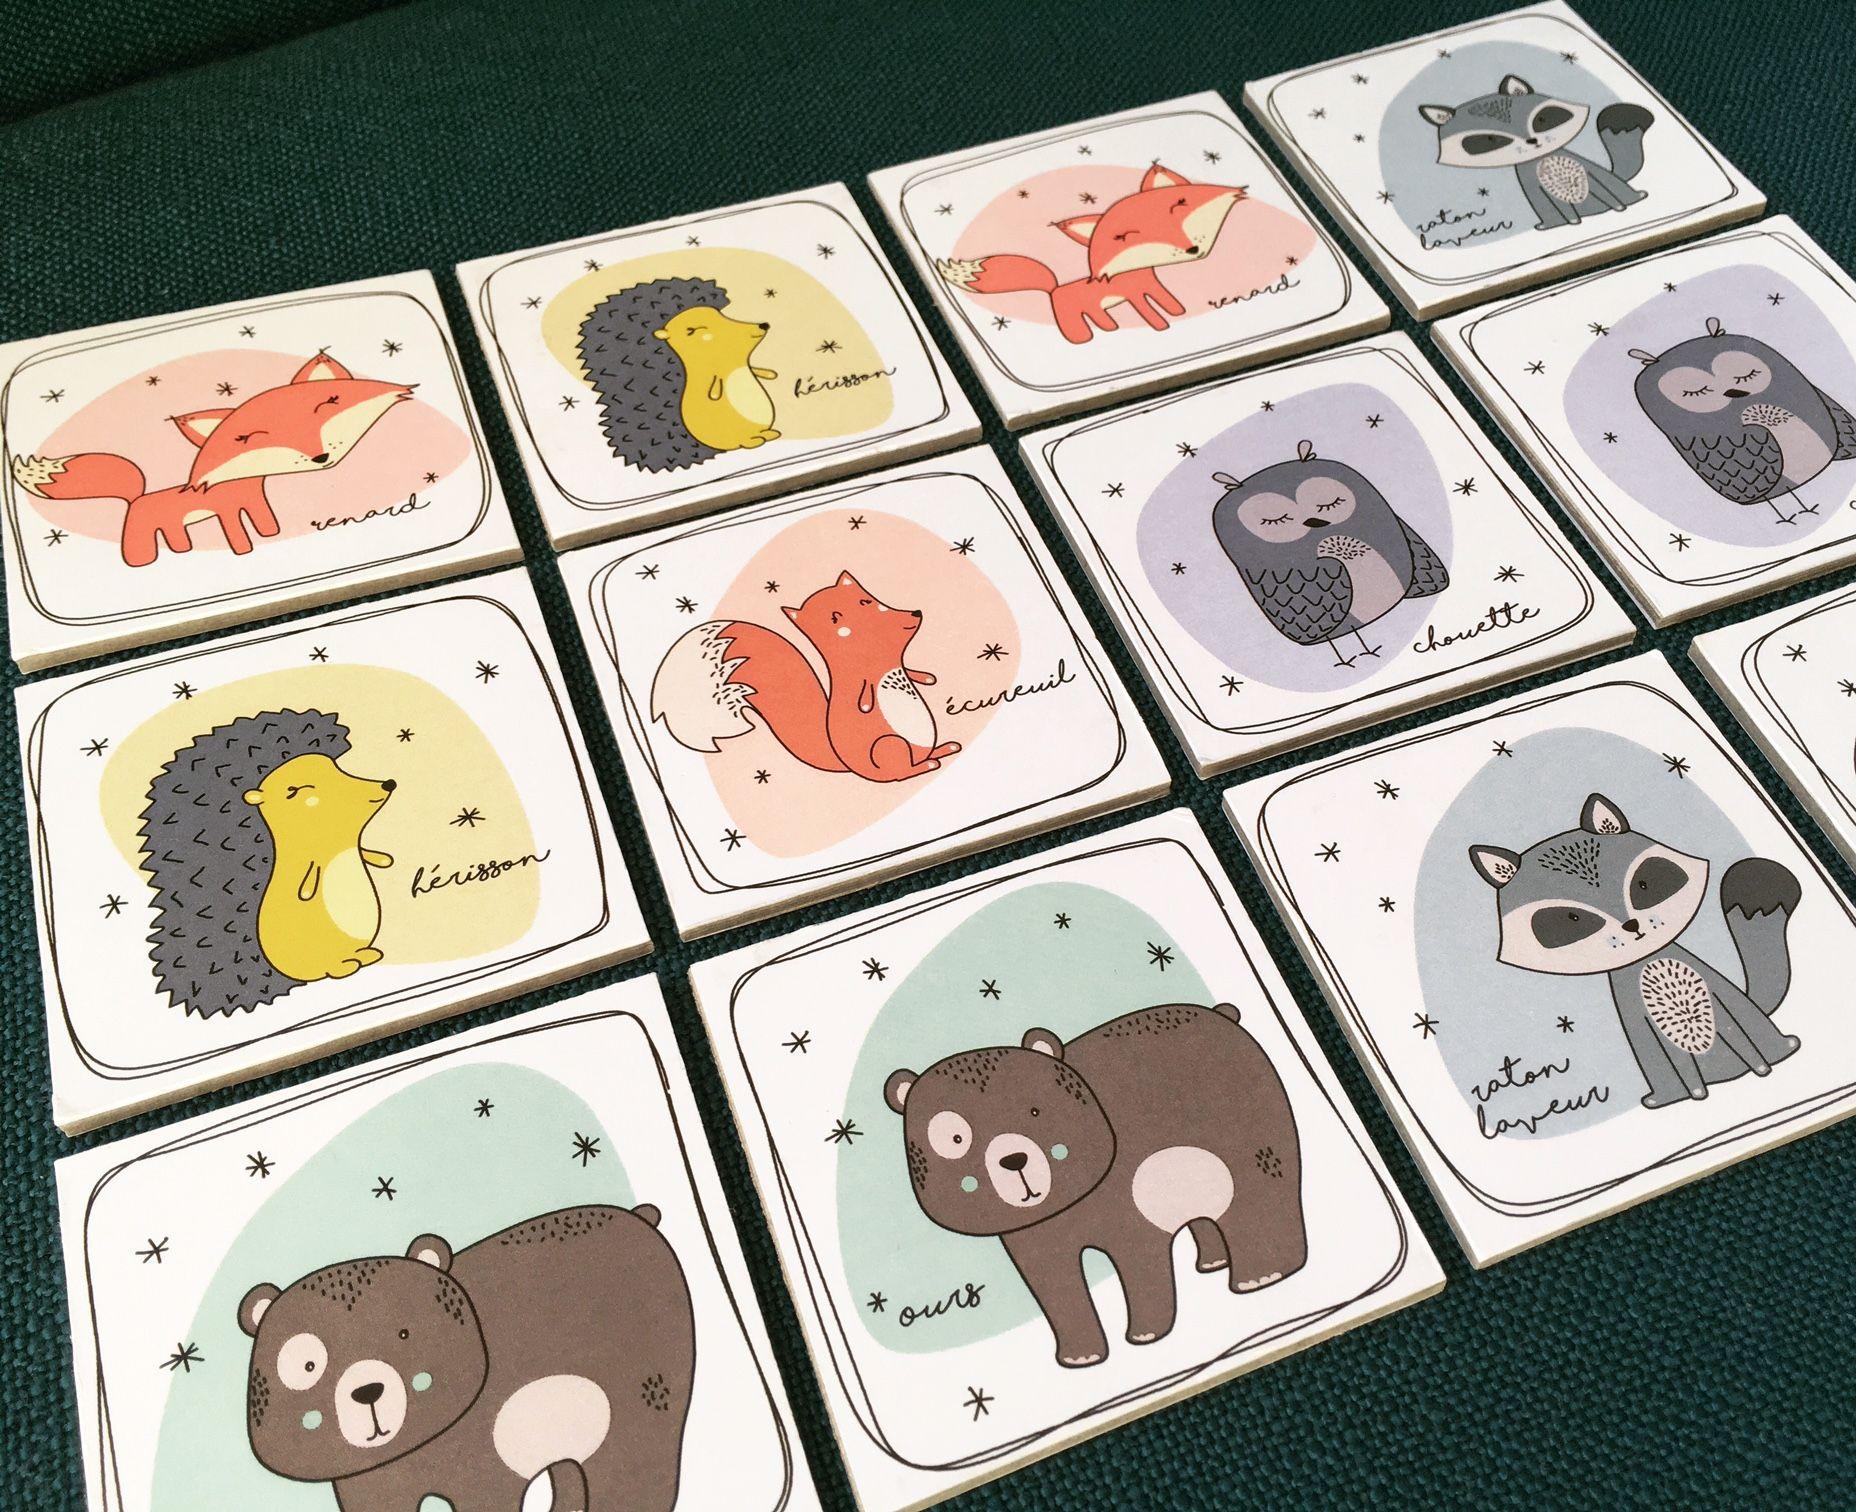 Jeu De Carte Memory Pour Enfant - Memory Cards For Babies à Jeu Memory Enfant